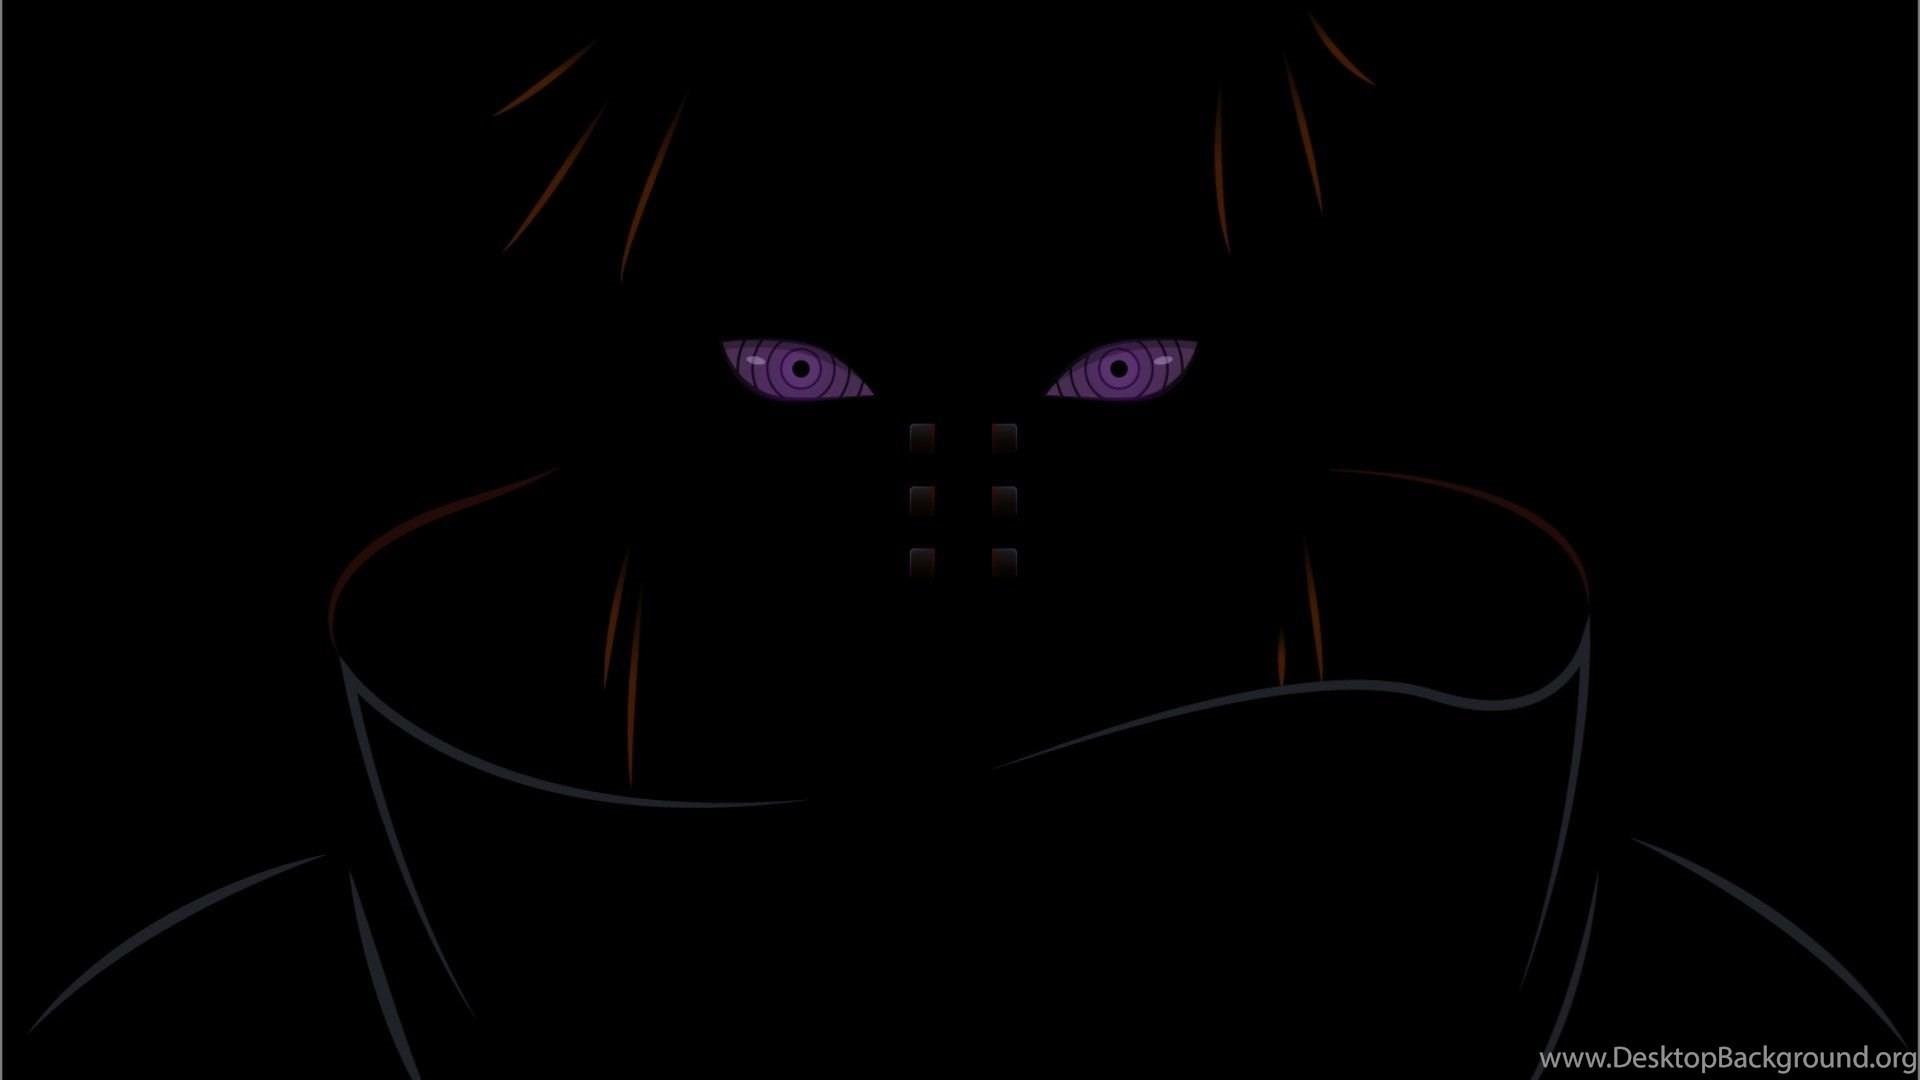 Pain Naruto Wallpaper 66+ images